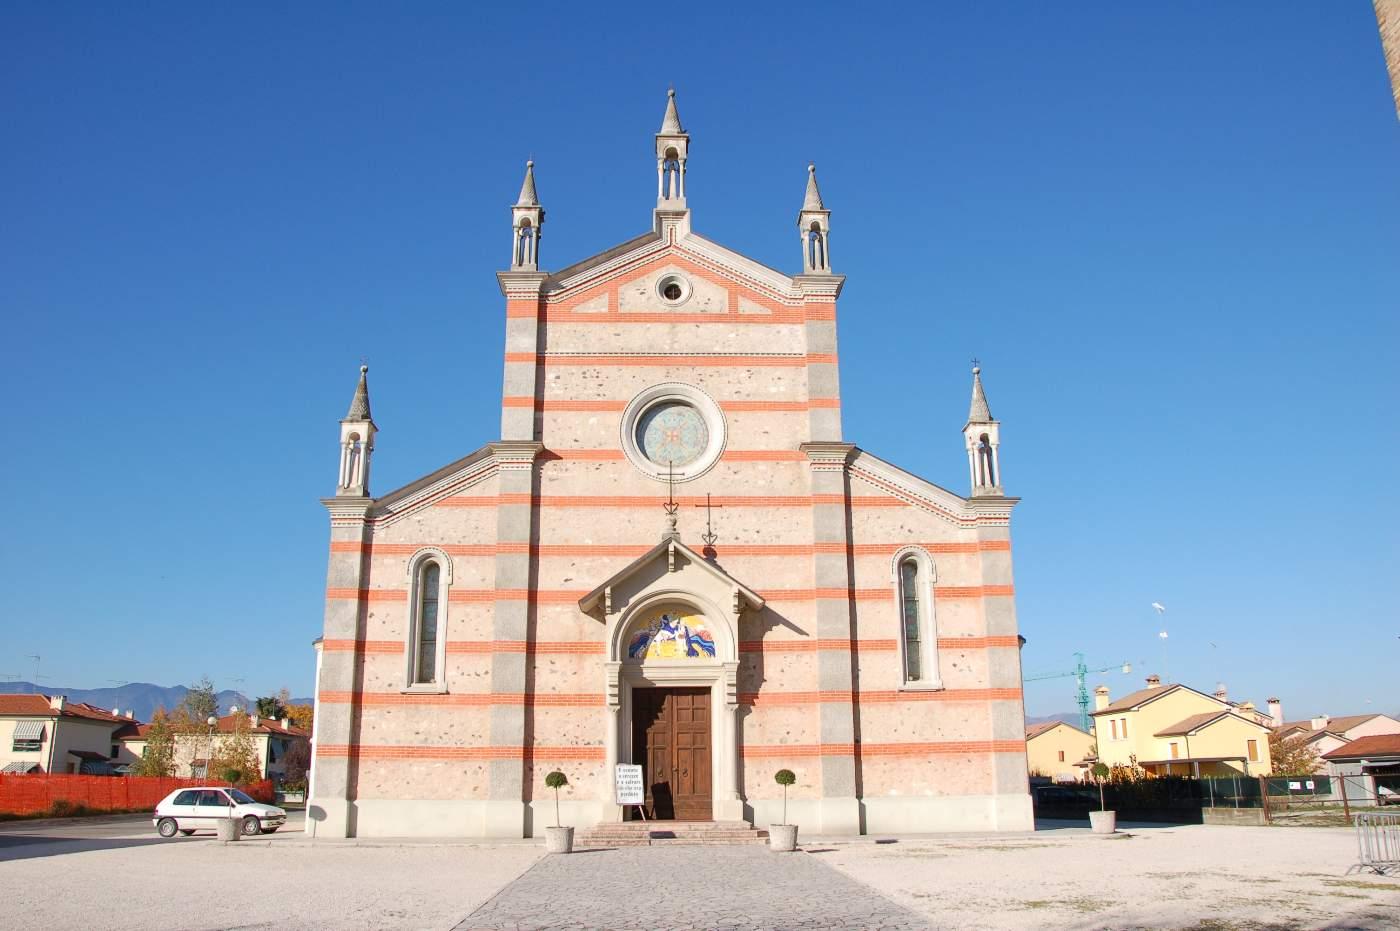 Sernaglia della Battaglia-Chiesa San Martino Vescovo